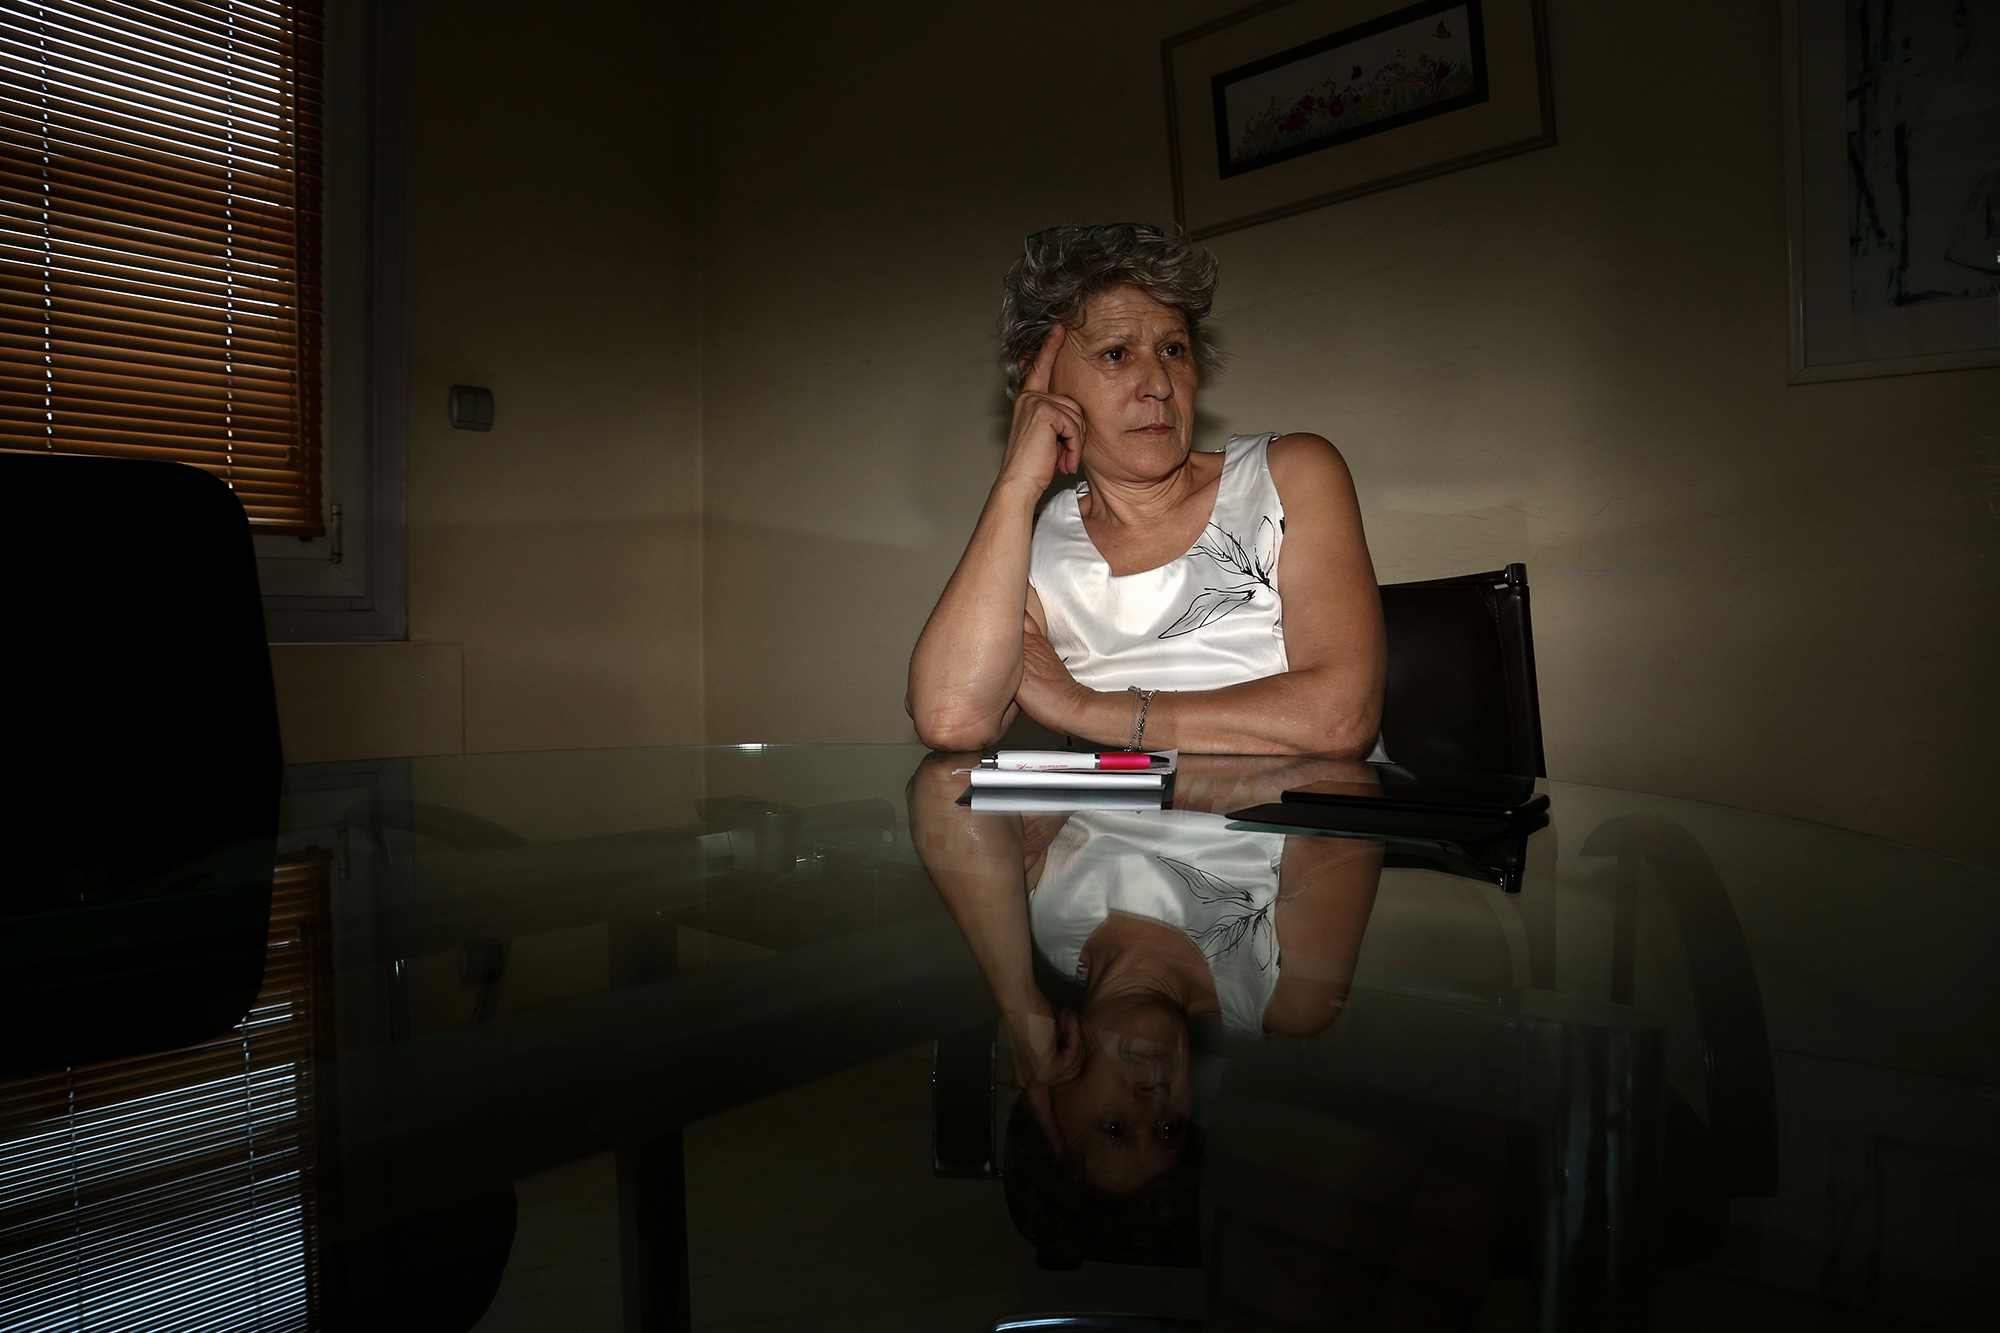 Leo γυναίκα που βγαίνει με τον καρκίνο άνθρωπος